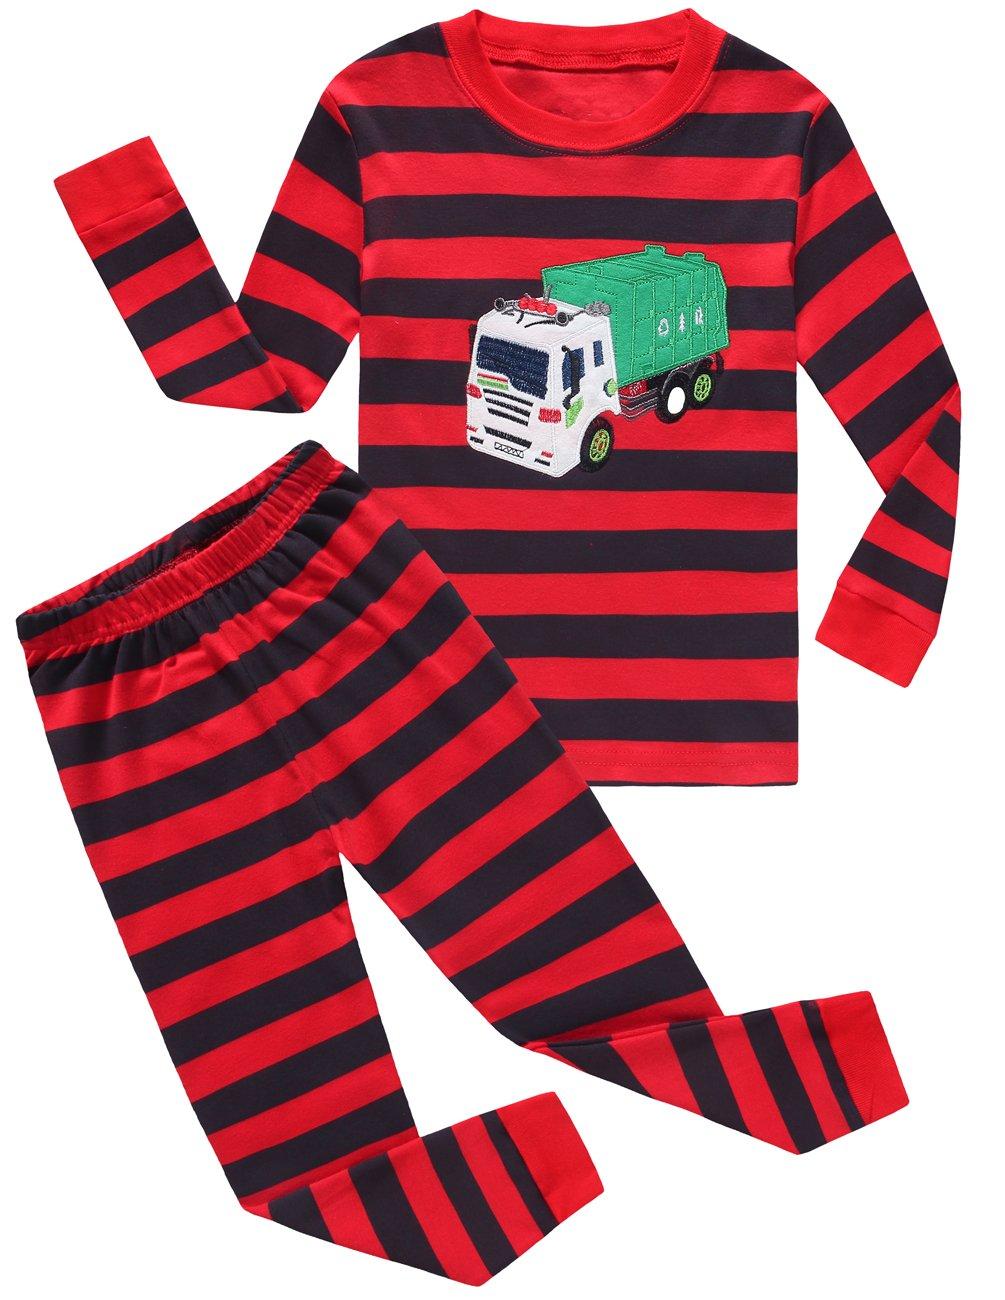 Boys Pajamas Garbage Truck 100% Cotton Toddler Pjs Kids Sleepwear Clothes Set Size5